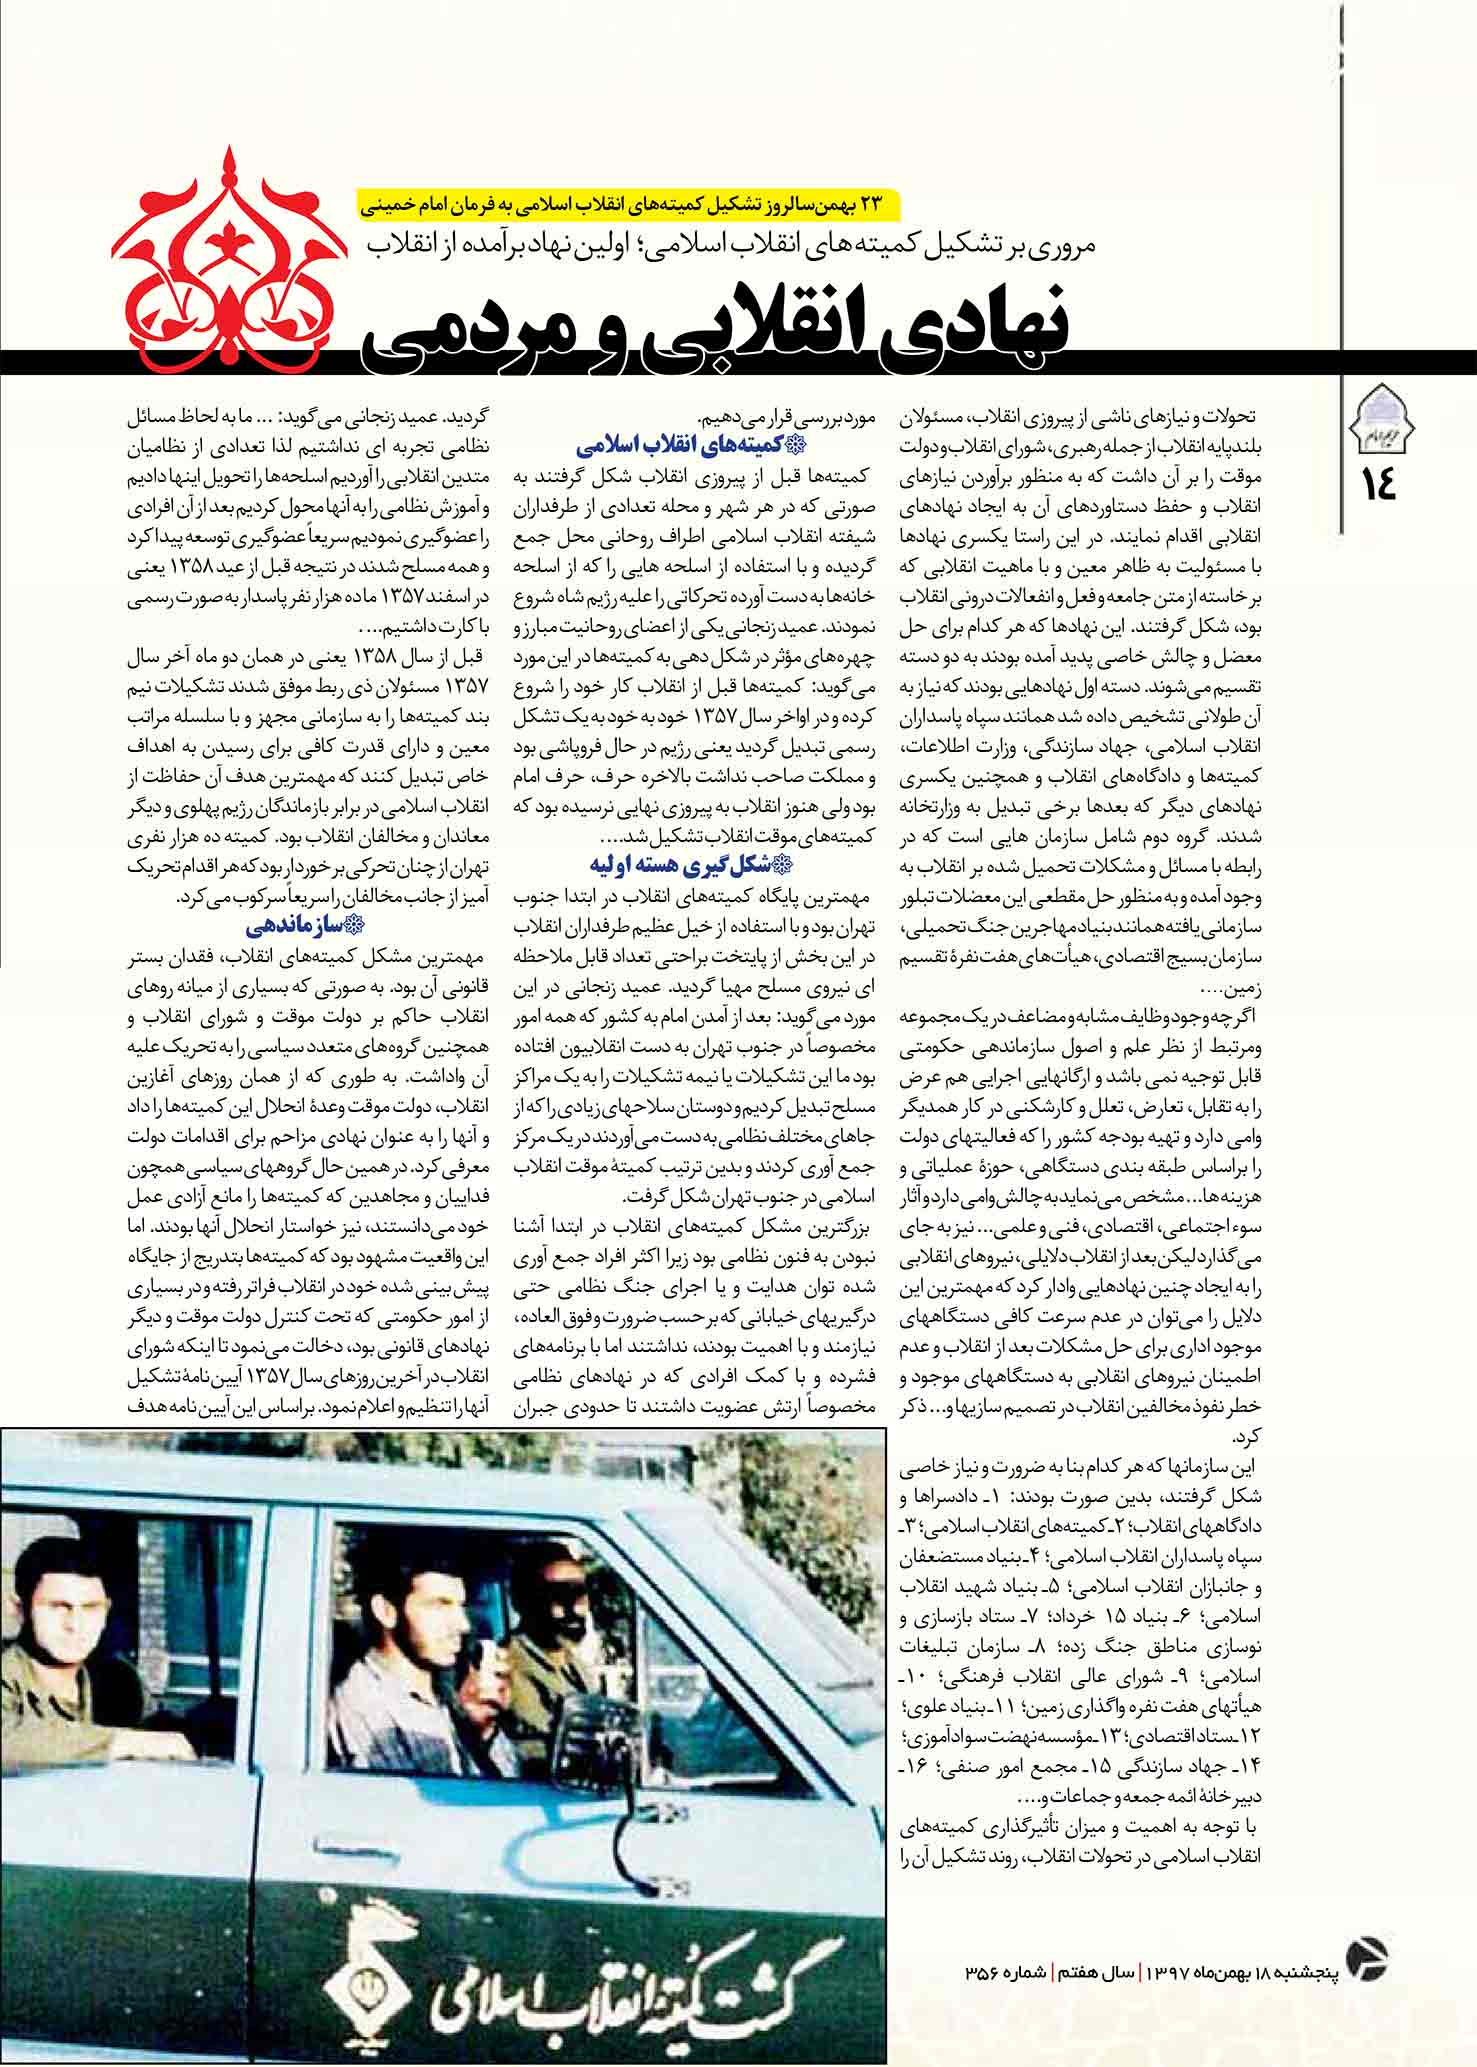 D:\خلوجینی\New folder\@harim_emam356-14.jpg